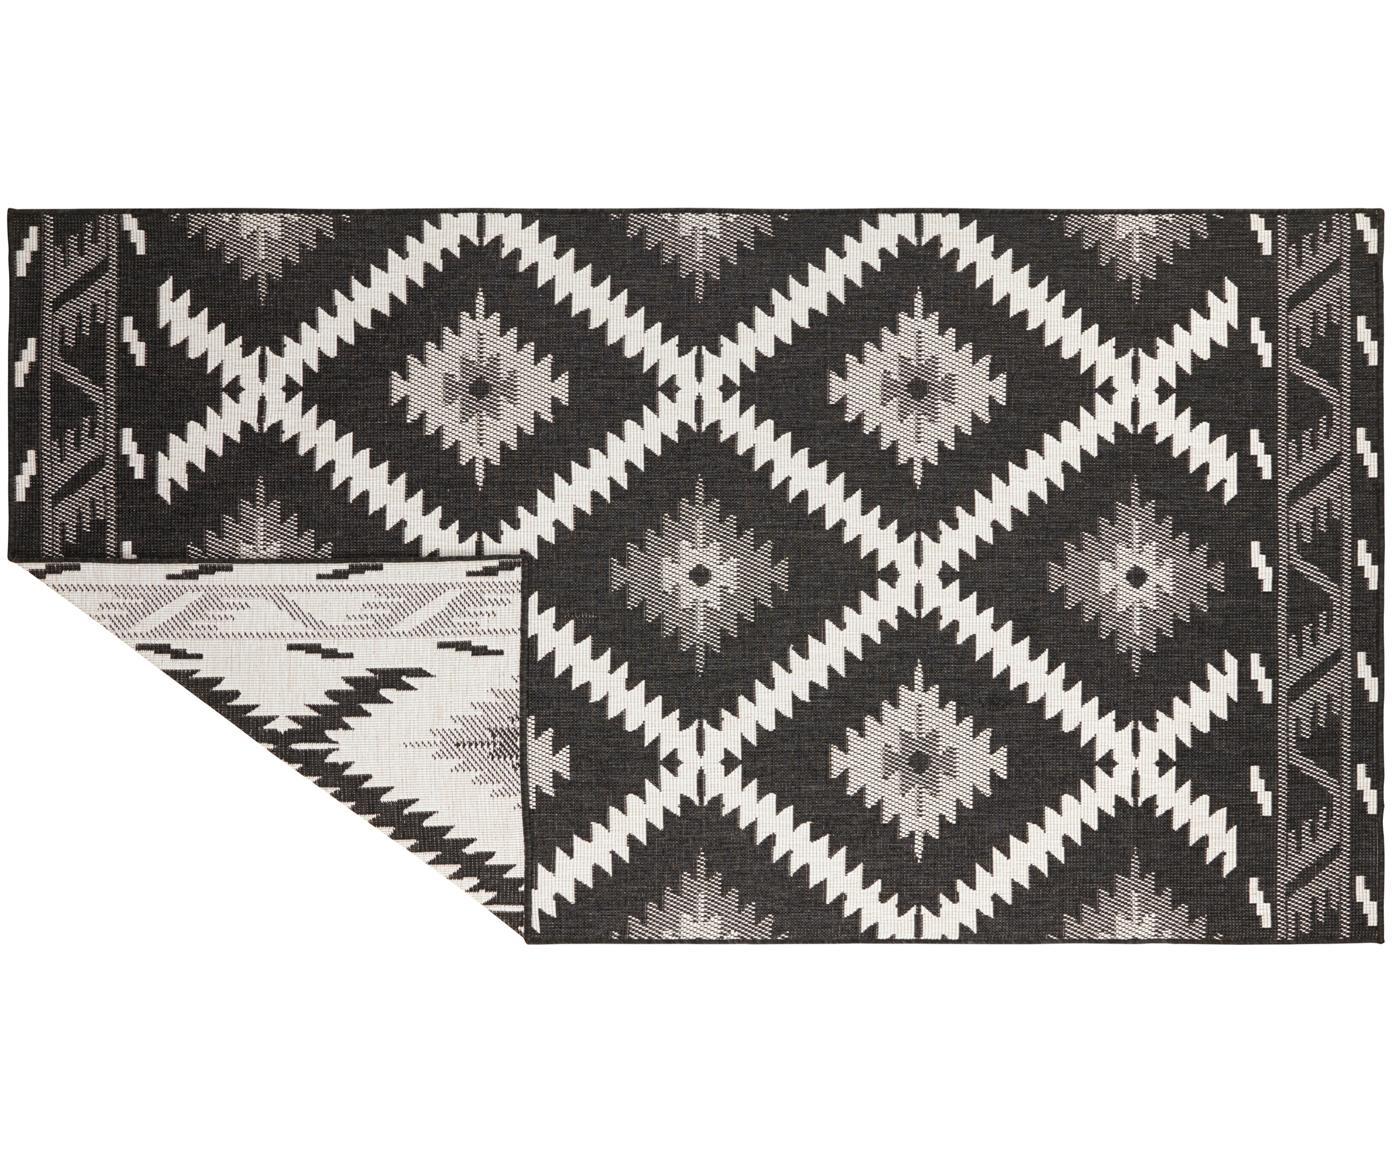 In- und Outdoor-Wendeteppich Malibu in Schwarz/Creme, Schwarz, Creme, B 80 x L 150 cm (Größe XS)